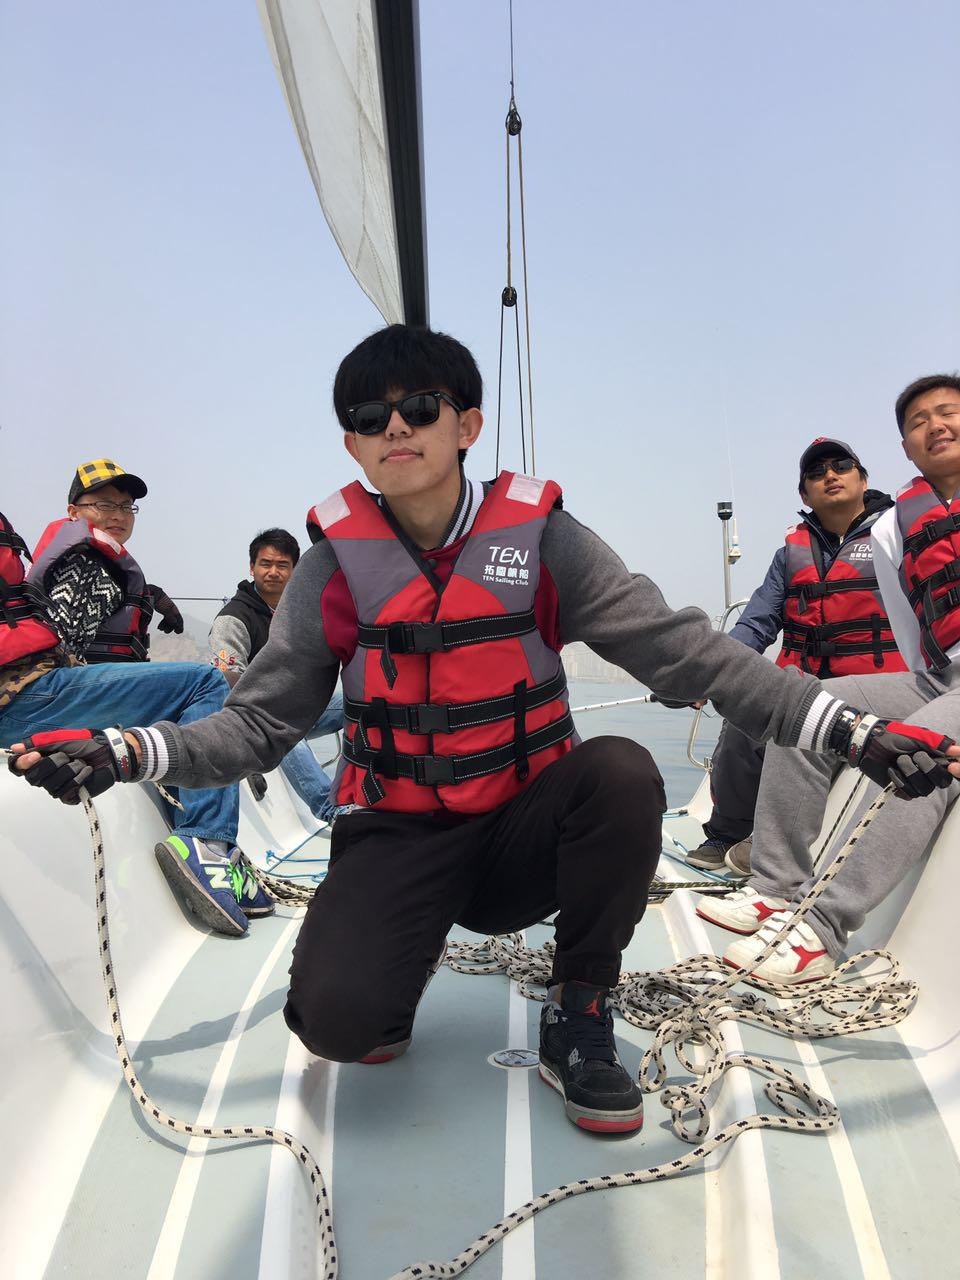 【2016拓恩杯企业帆船赛赛队介绍】N38°5(北纬38度5) 860d628eebaf1fb61eff4929981e5707.png